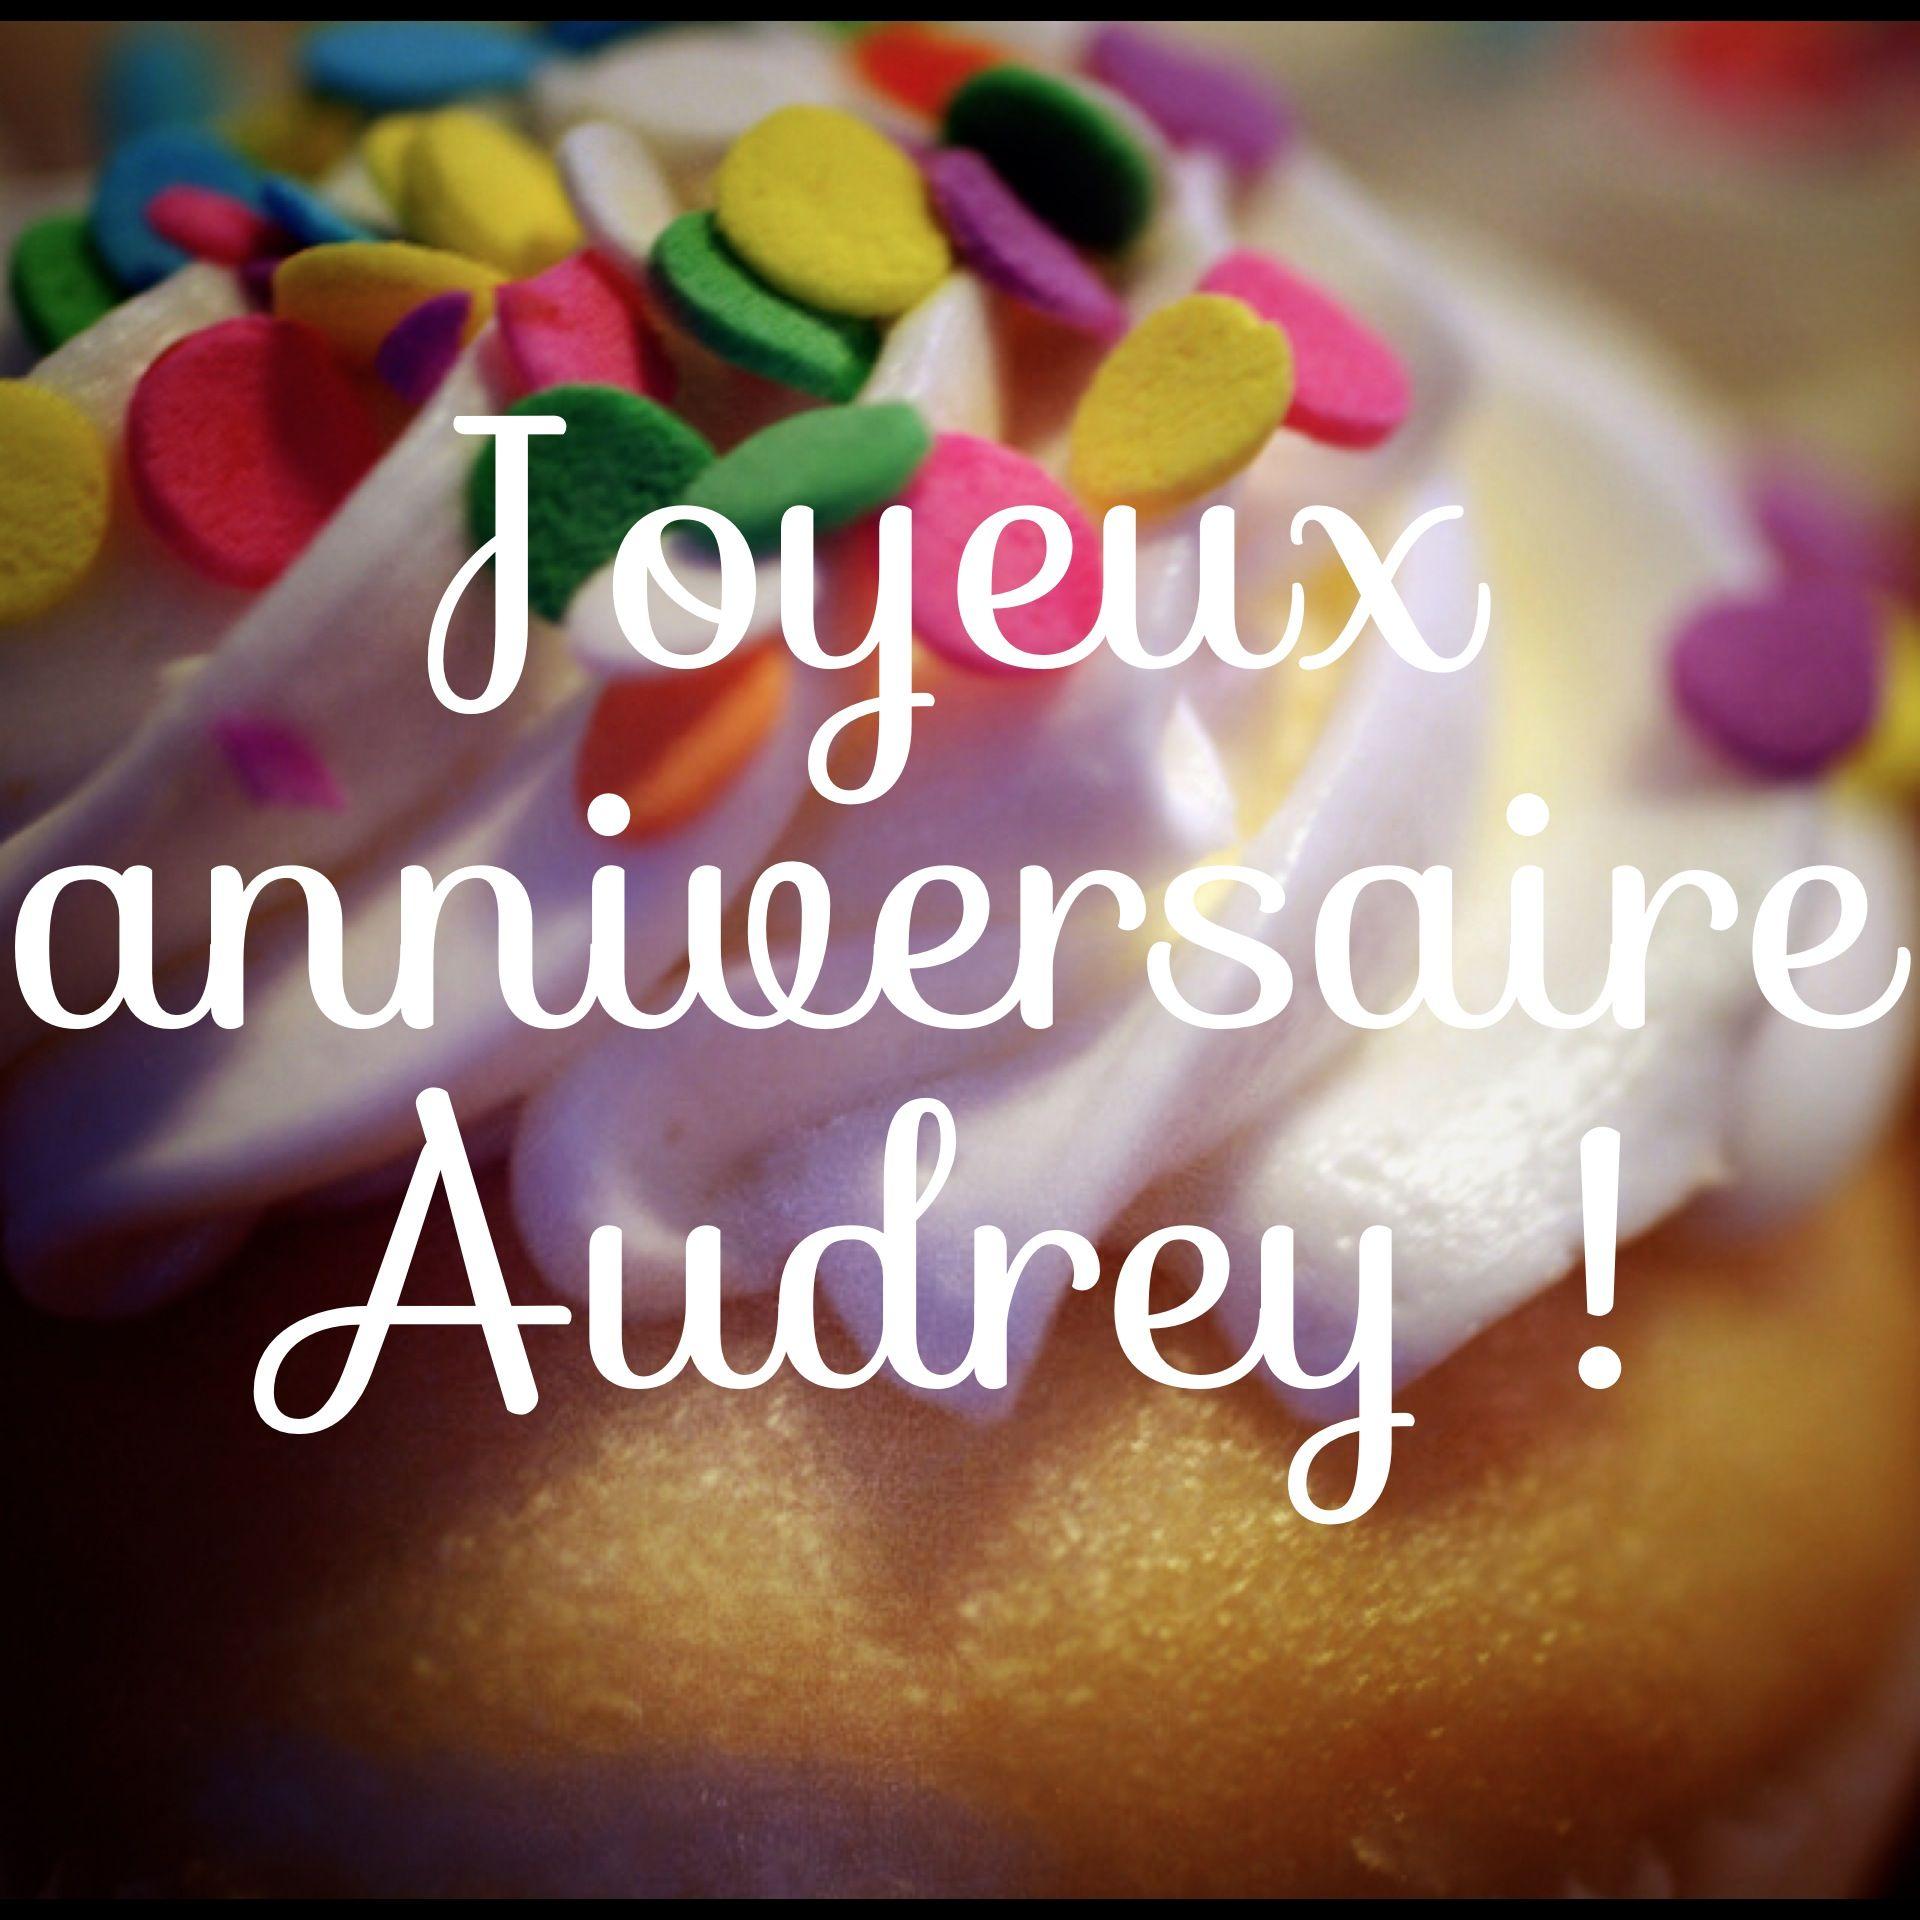 Joyeux anniversaire Audrey !